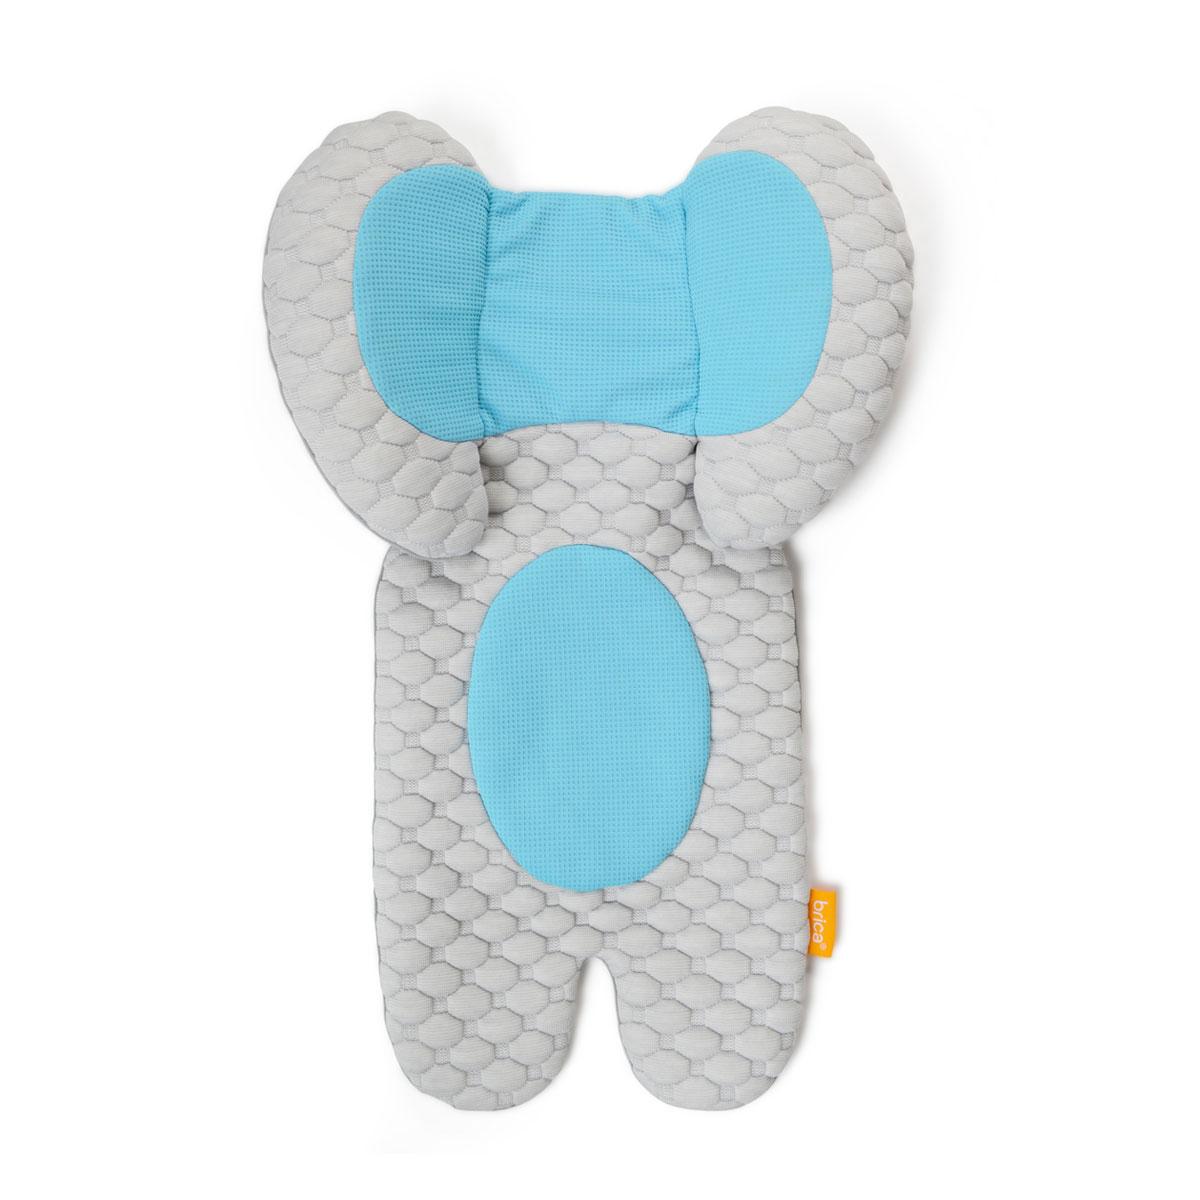 Coussin appui-tête et corps anti-transpirant